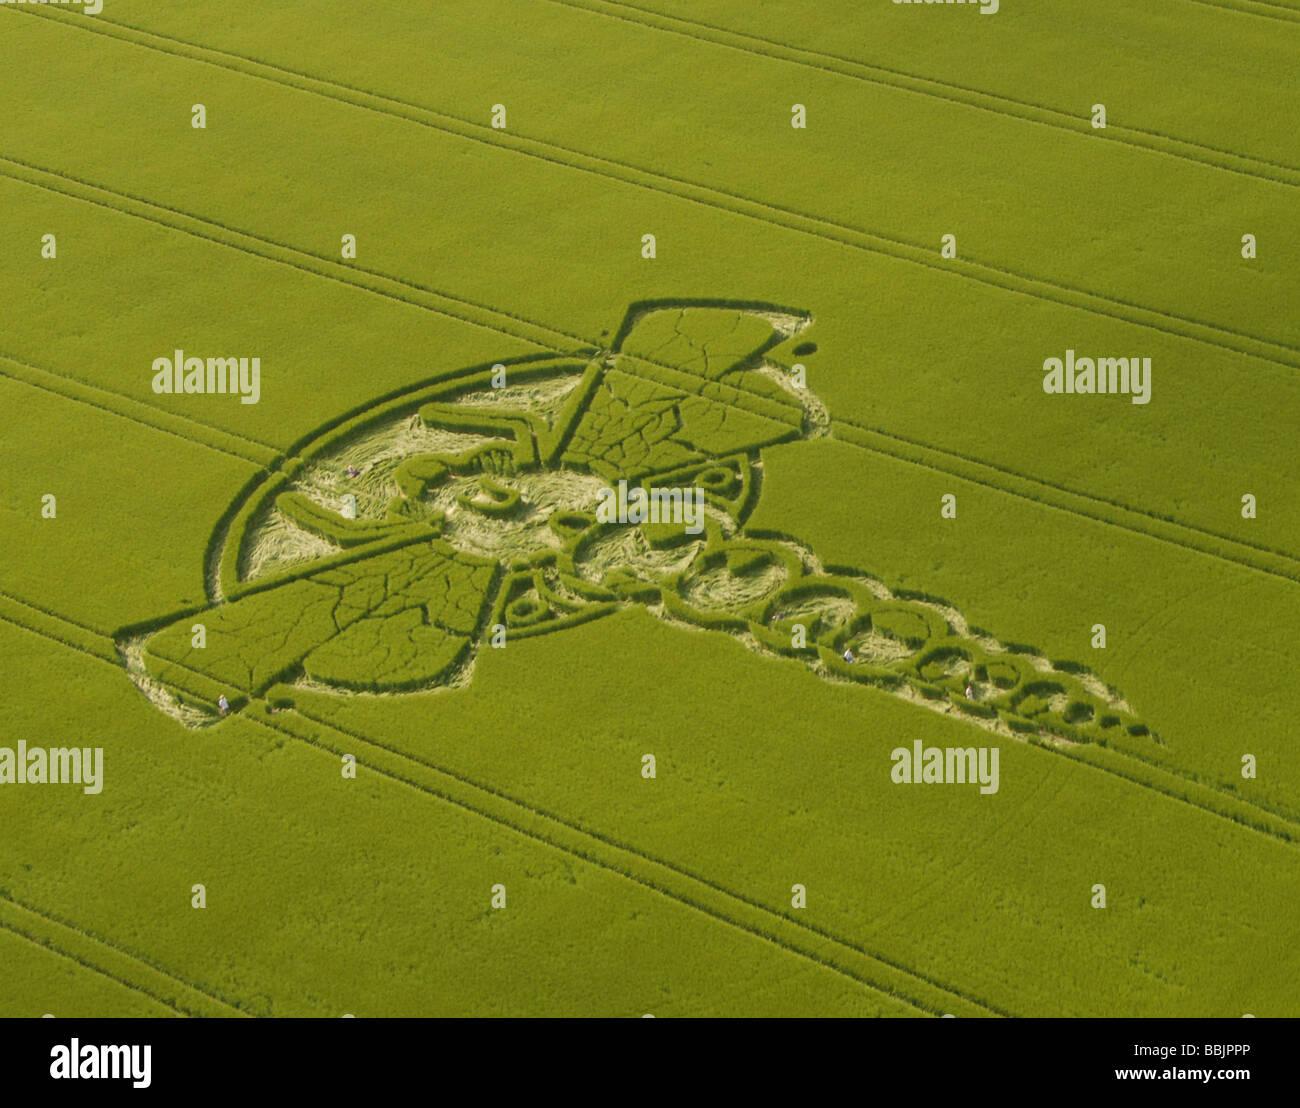 Vues aériennes de la Libellule 2009 Yatesbury Crop Circle, avec cinq personnes sur le terrain pour donner l'échelle. Photo Stock